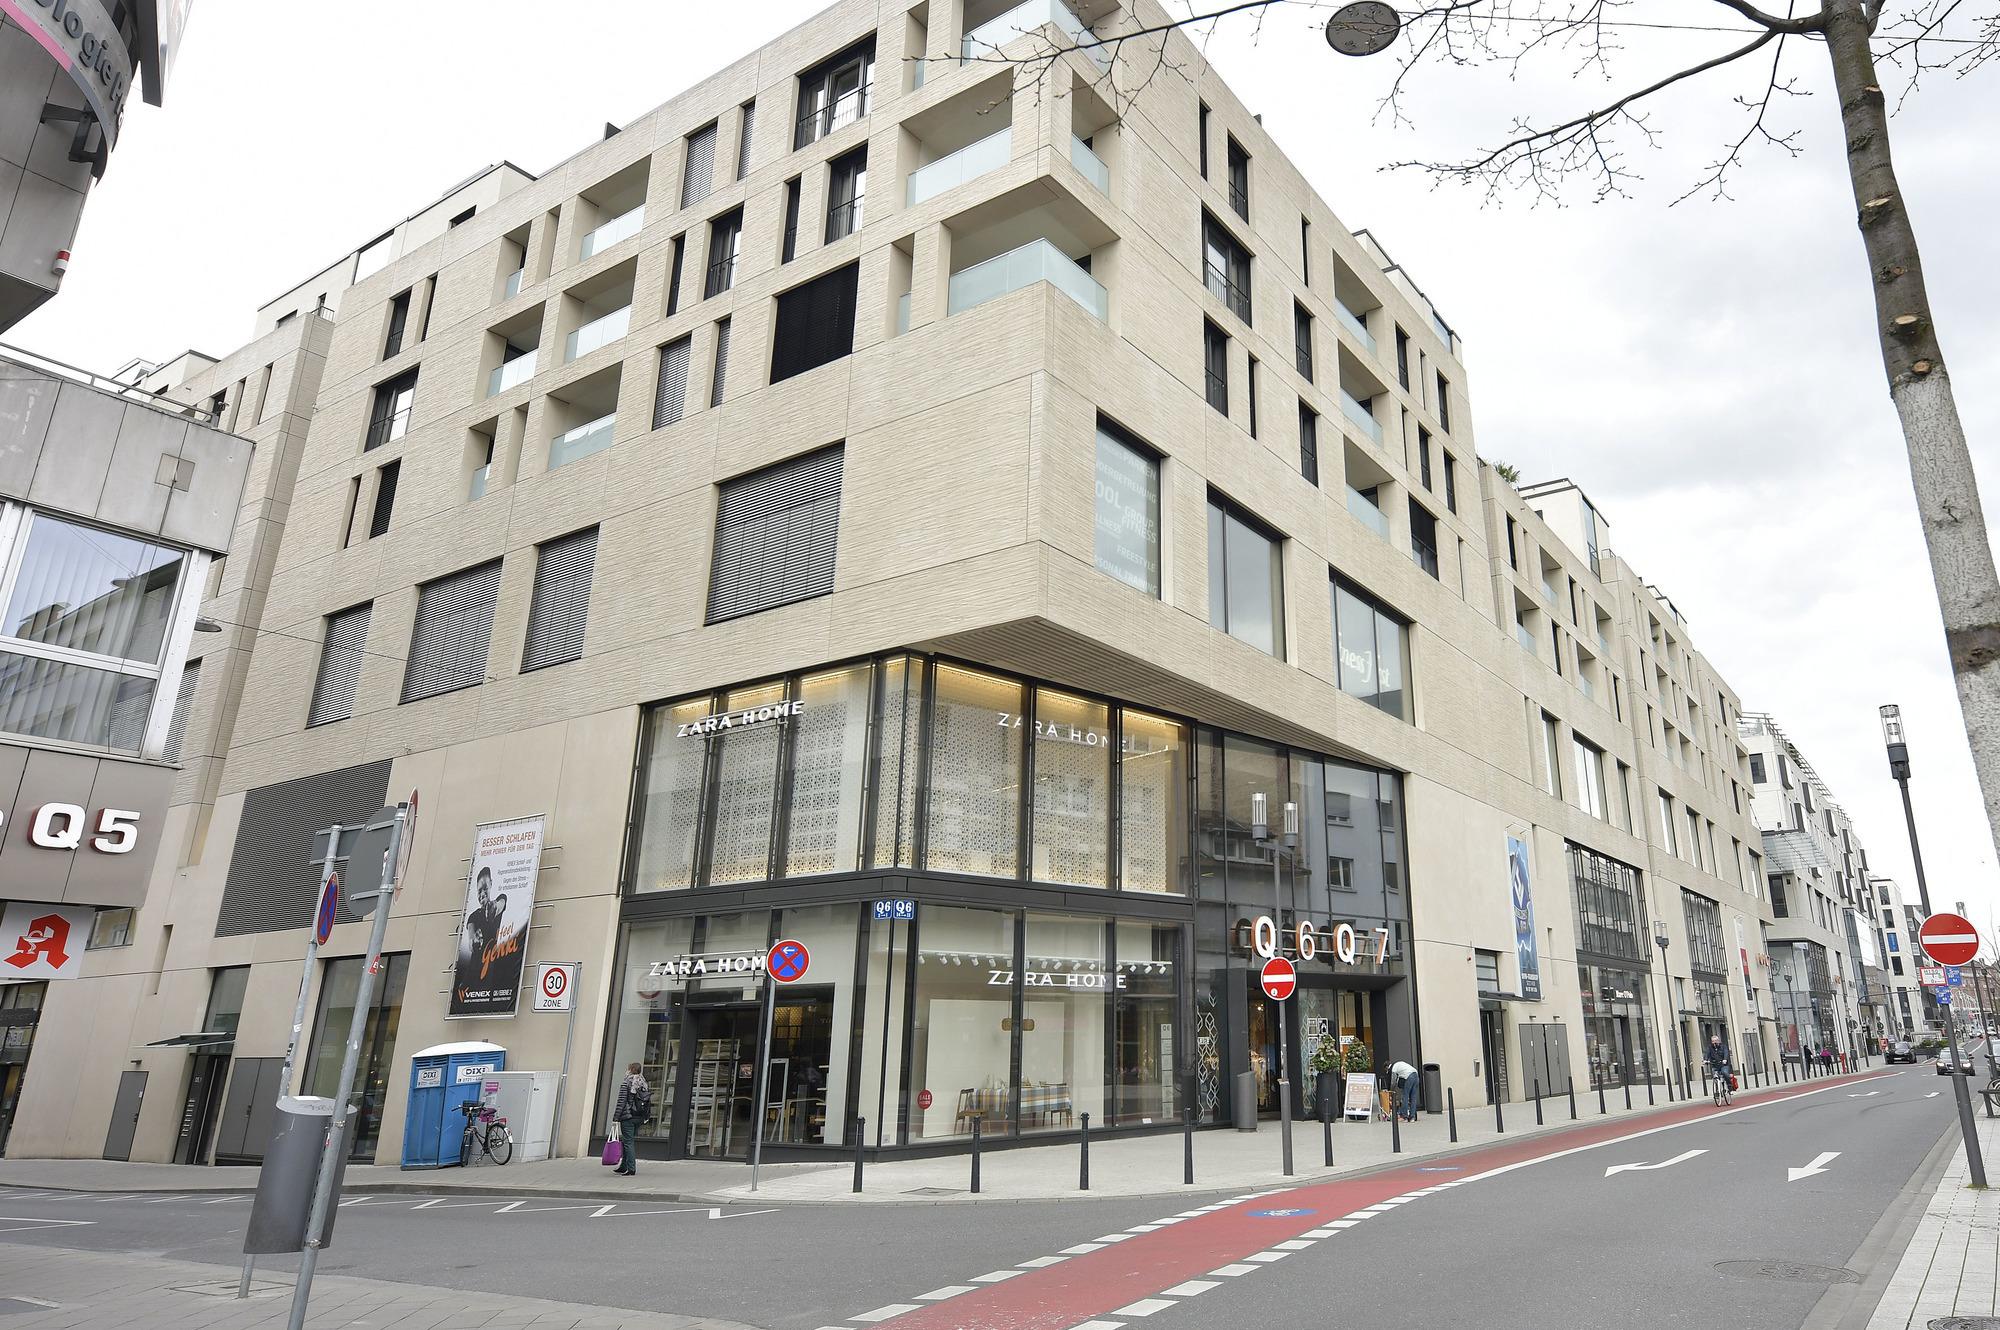 Mannheim In Corona Zeiten Geschaftsleute Sehen Krise Auch Als Chance Nachrichten Aus Mannheim Rnz